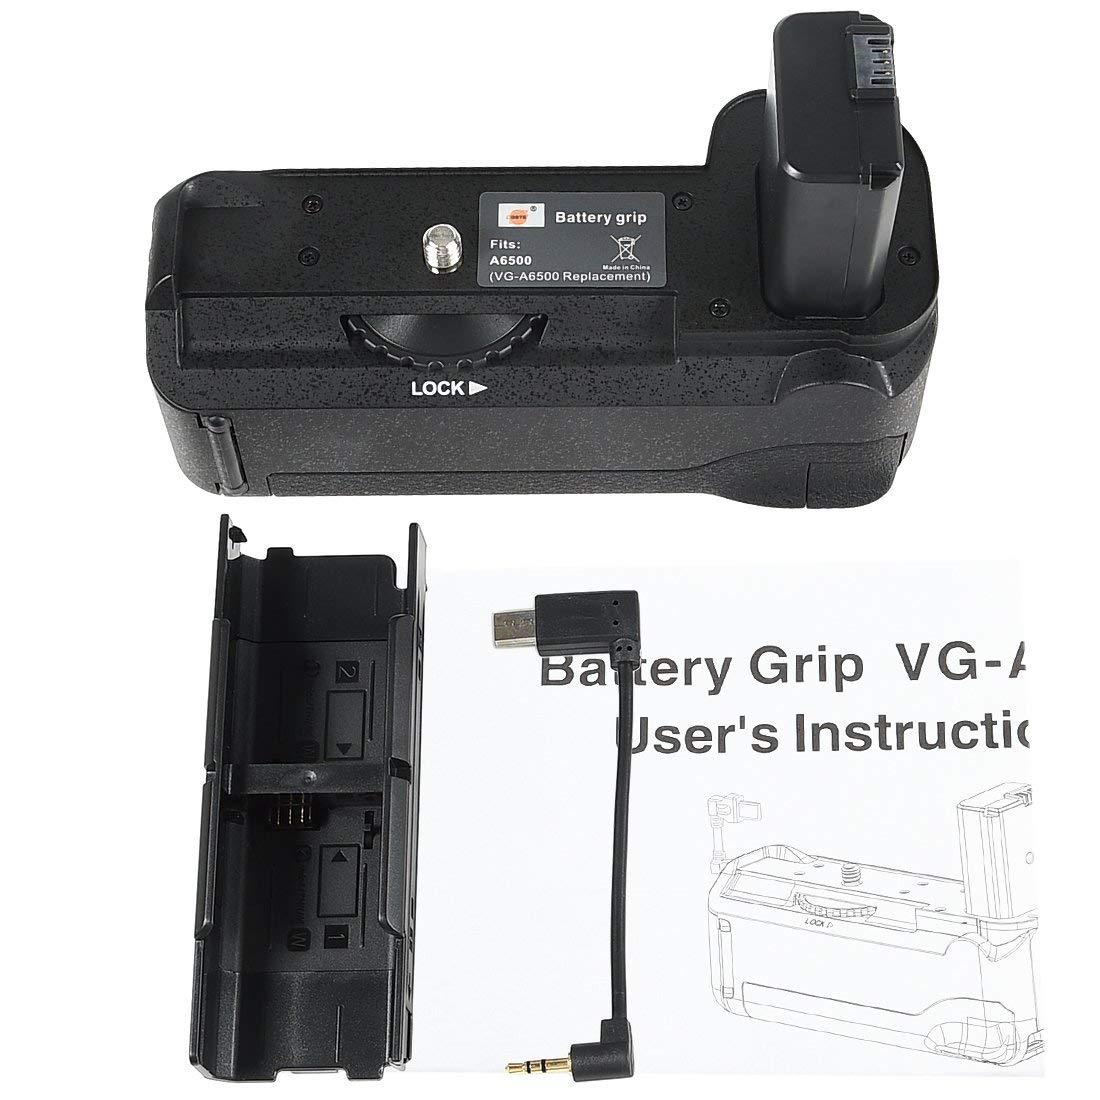 DSTE® VG-A6500 Vertical empuñadura de batería para Sony A6500 Cámara DST Electron Technological Co. Ltd UJLB96